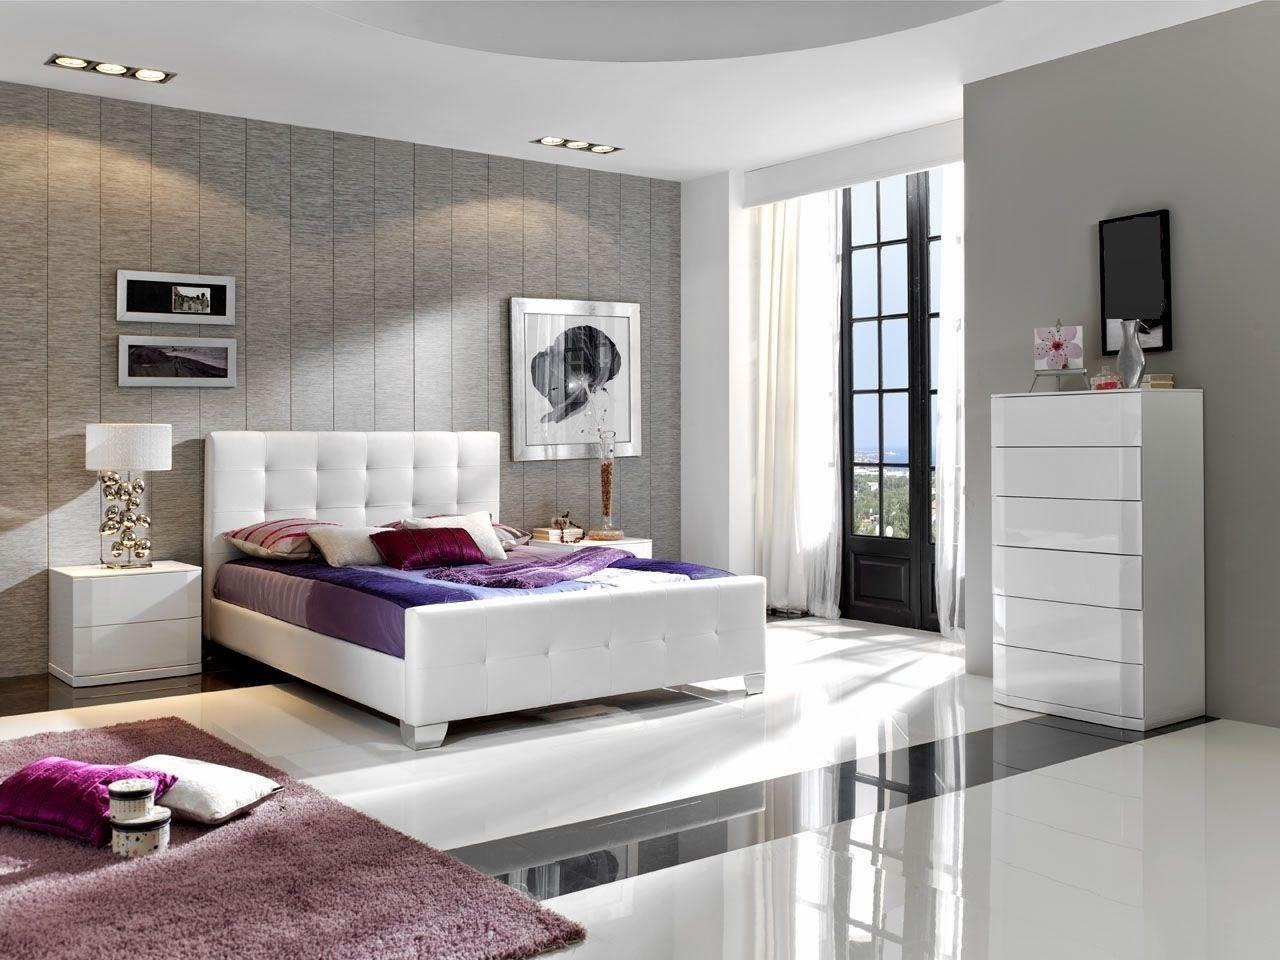 بالصور كيفية ترتيب غرفة النوم للمتزوجين , اشكال مختلفه لغرف النوم للعرسان 149